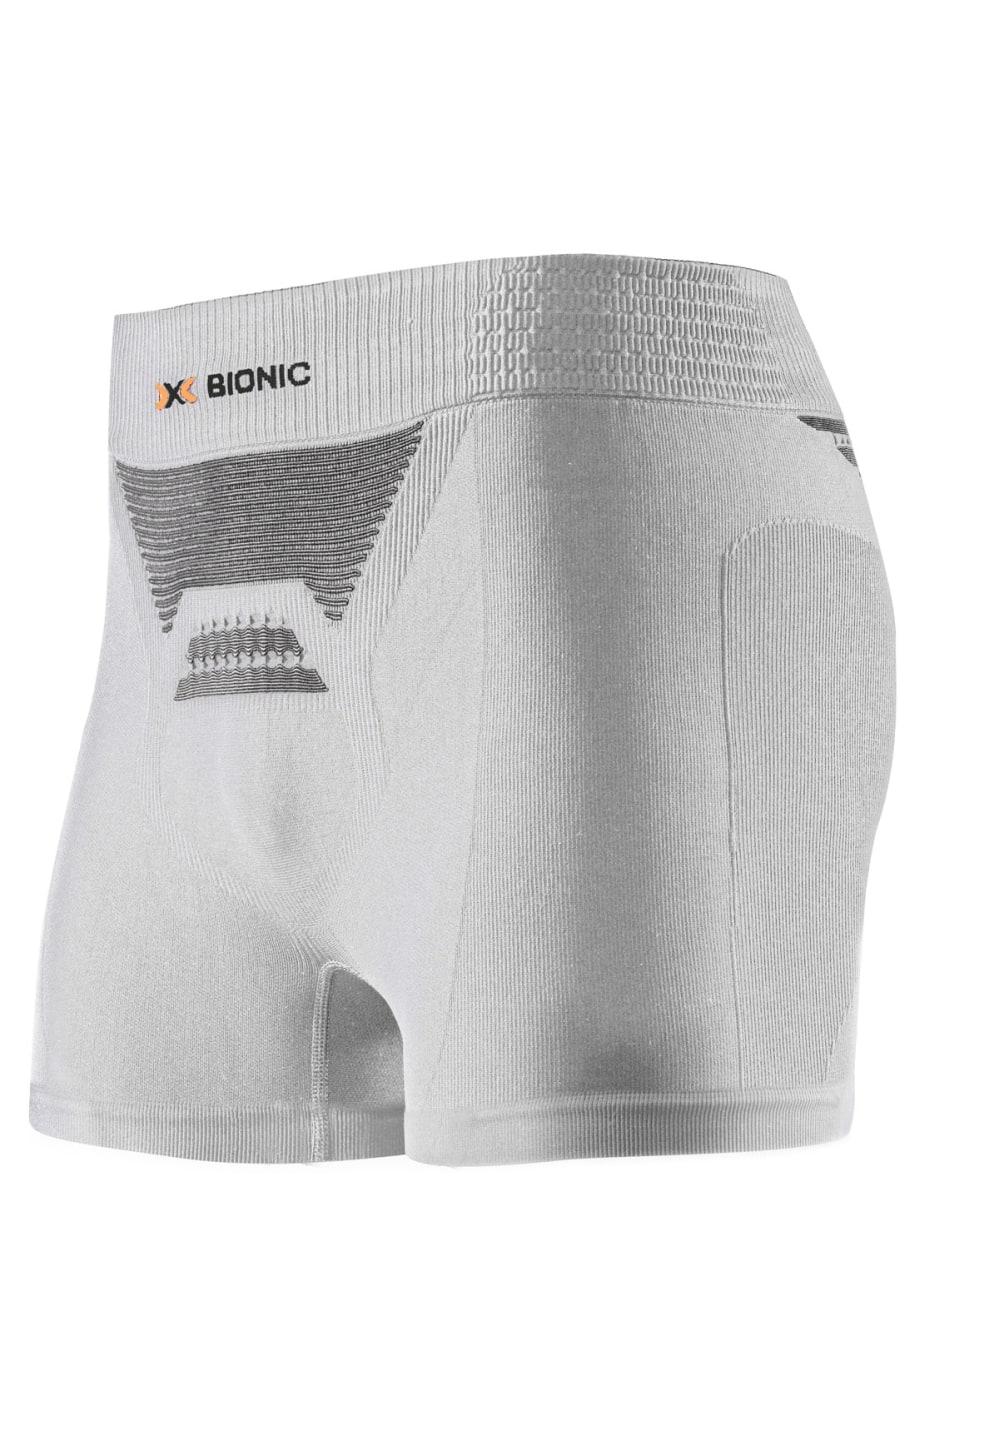 X-Bionic Energizer MK 2 Boxer Shorts - Funktionsunterwäsche für Herren - Grau,